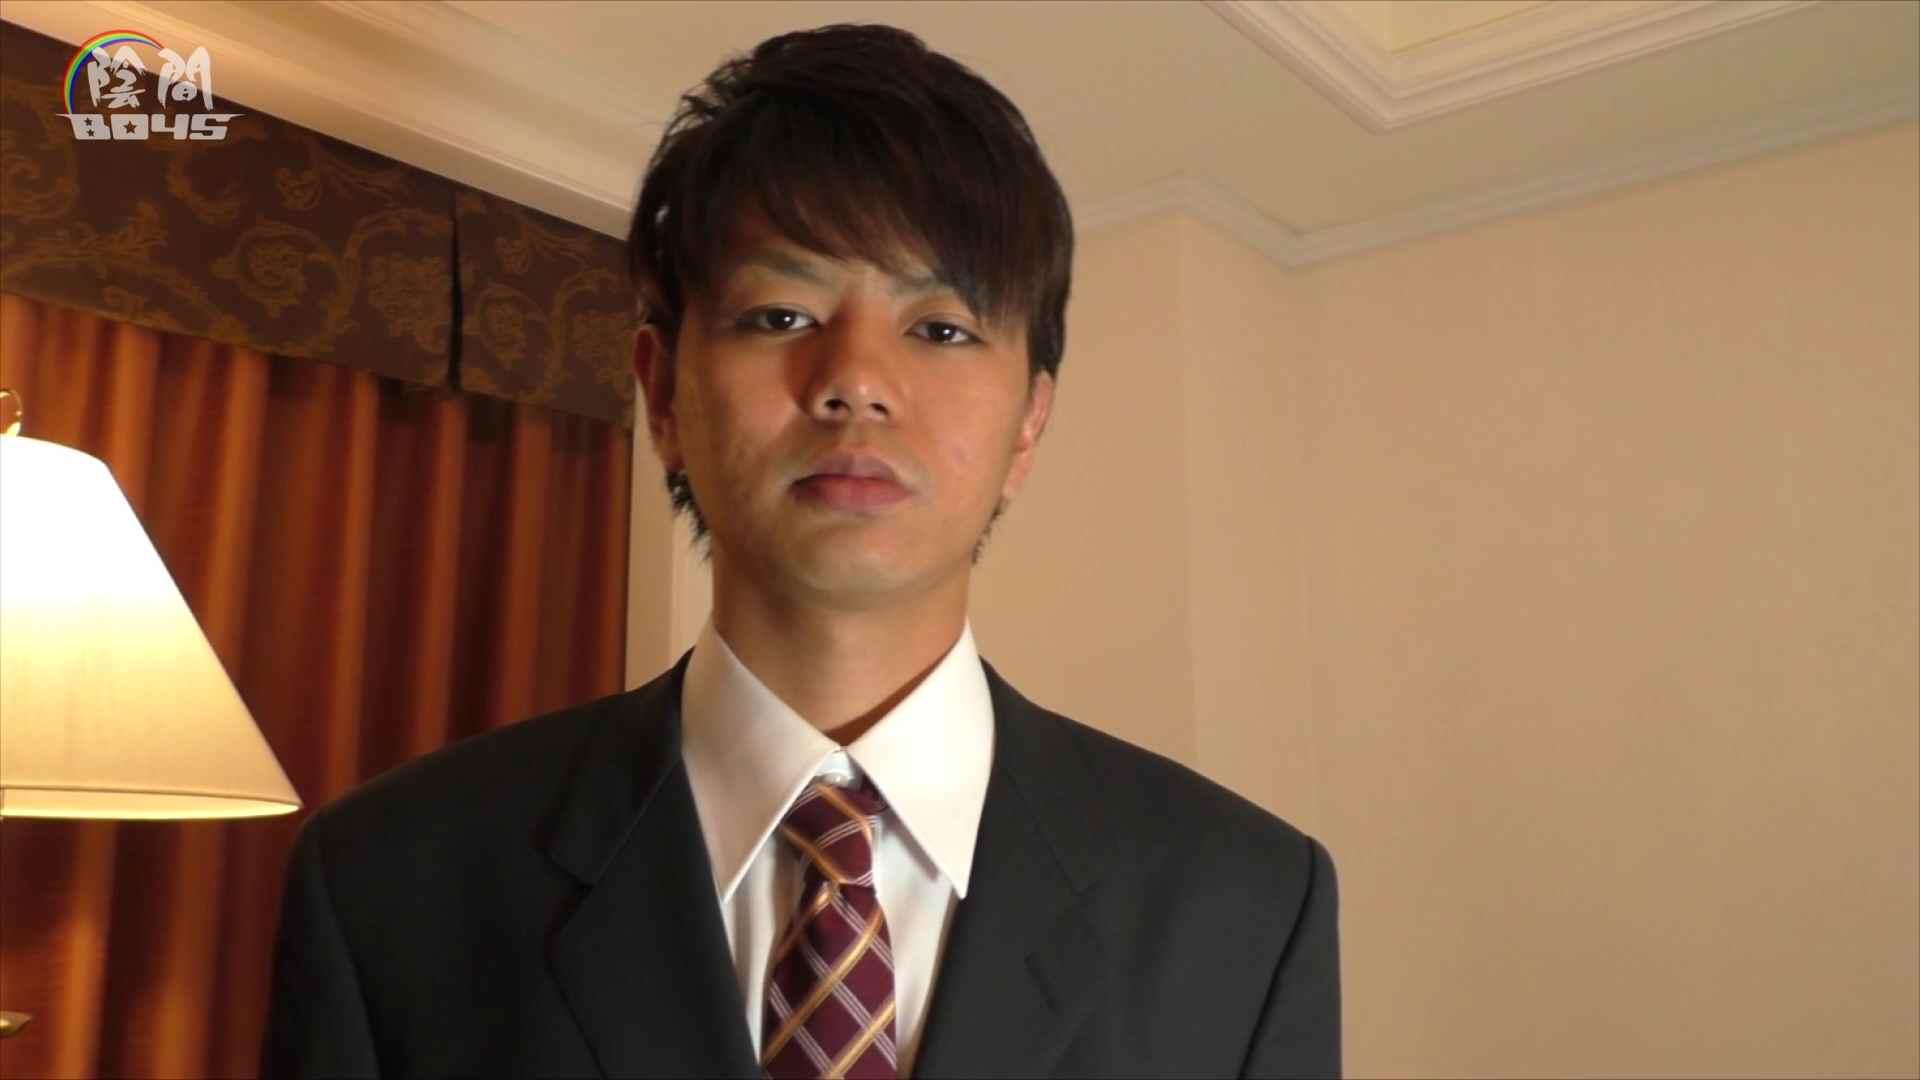 陰間BOYS~キャバクラの仕事はアナルから4 Vol.01 アナル ゲイザーメン画像 82枚 58